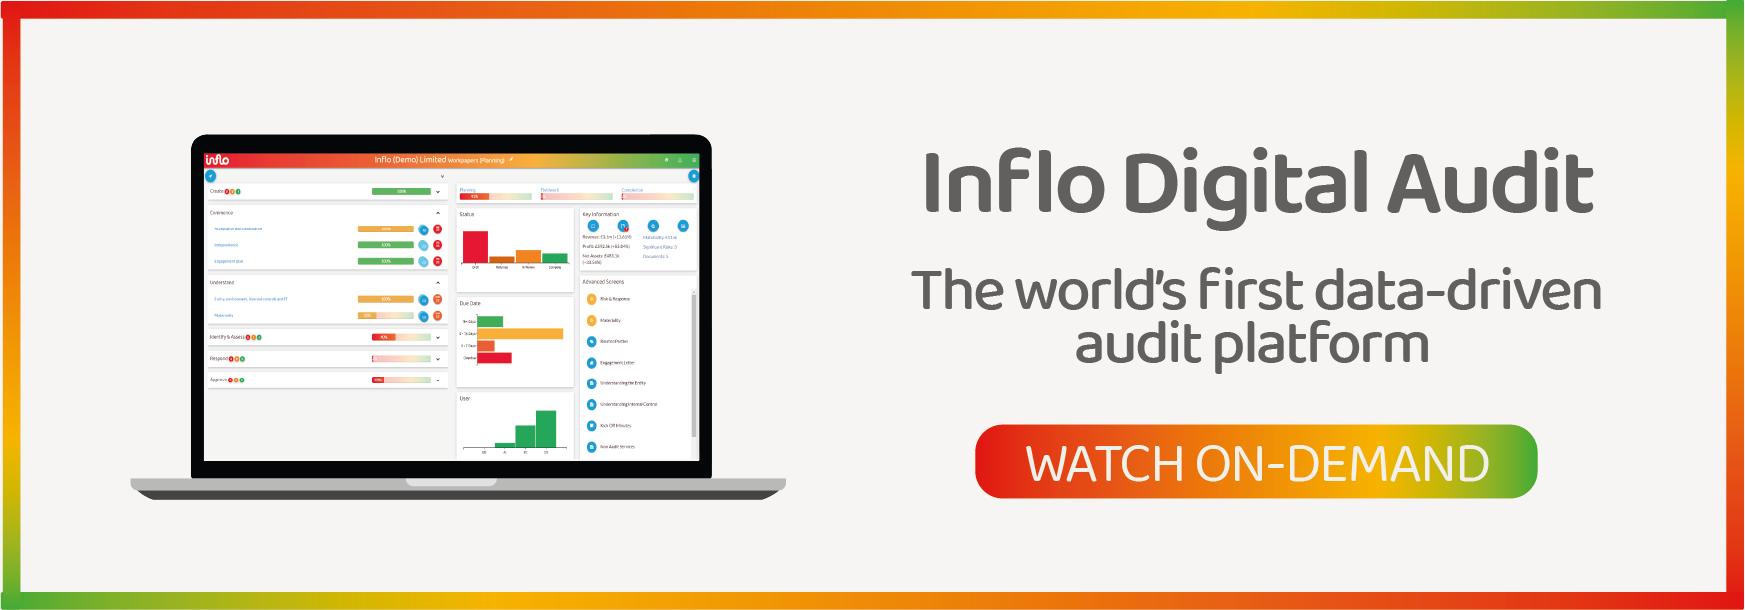 Inflo Digital Audit On-Demand